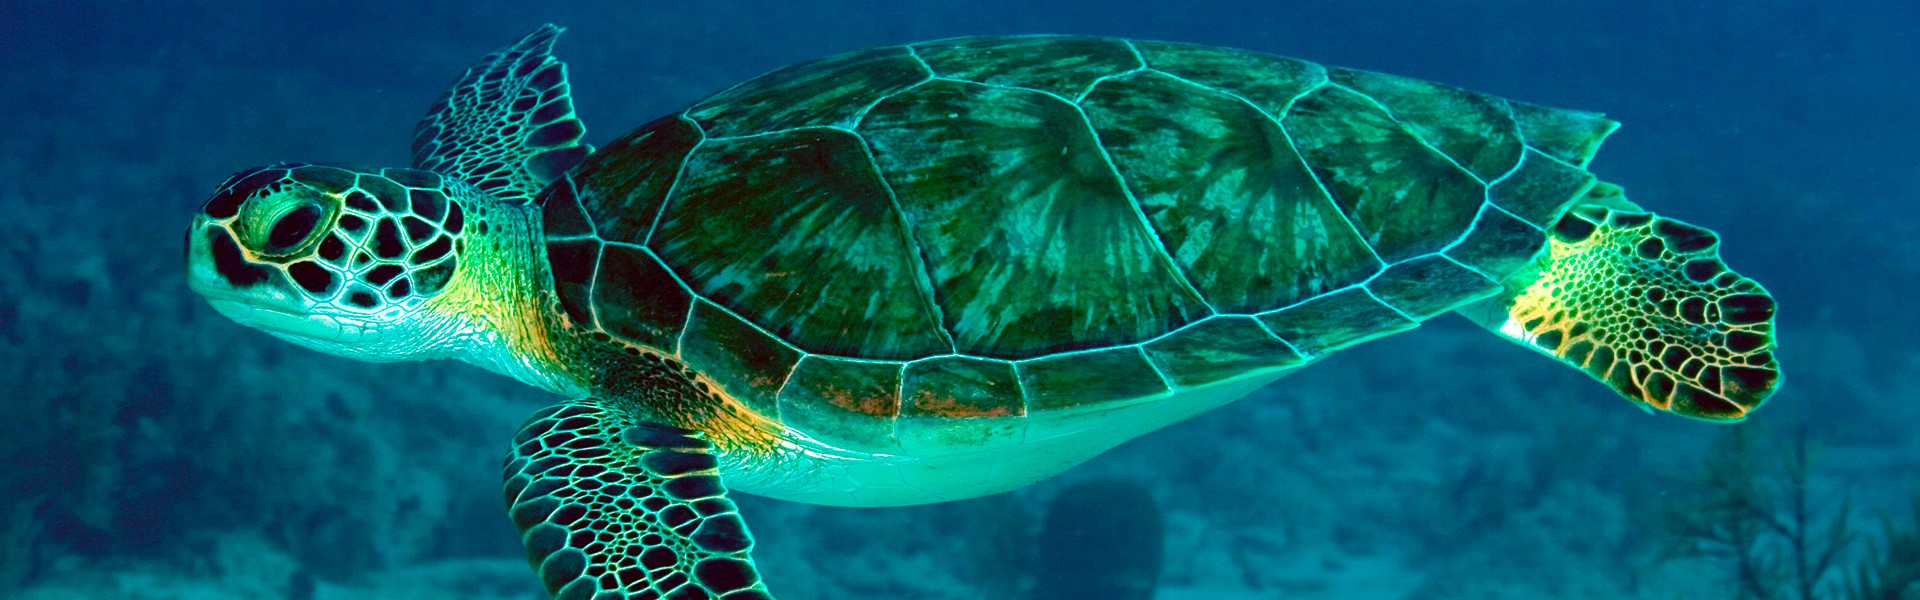 Entender o comportamento de tartarugas marinhas contribui para a preservação da espécie